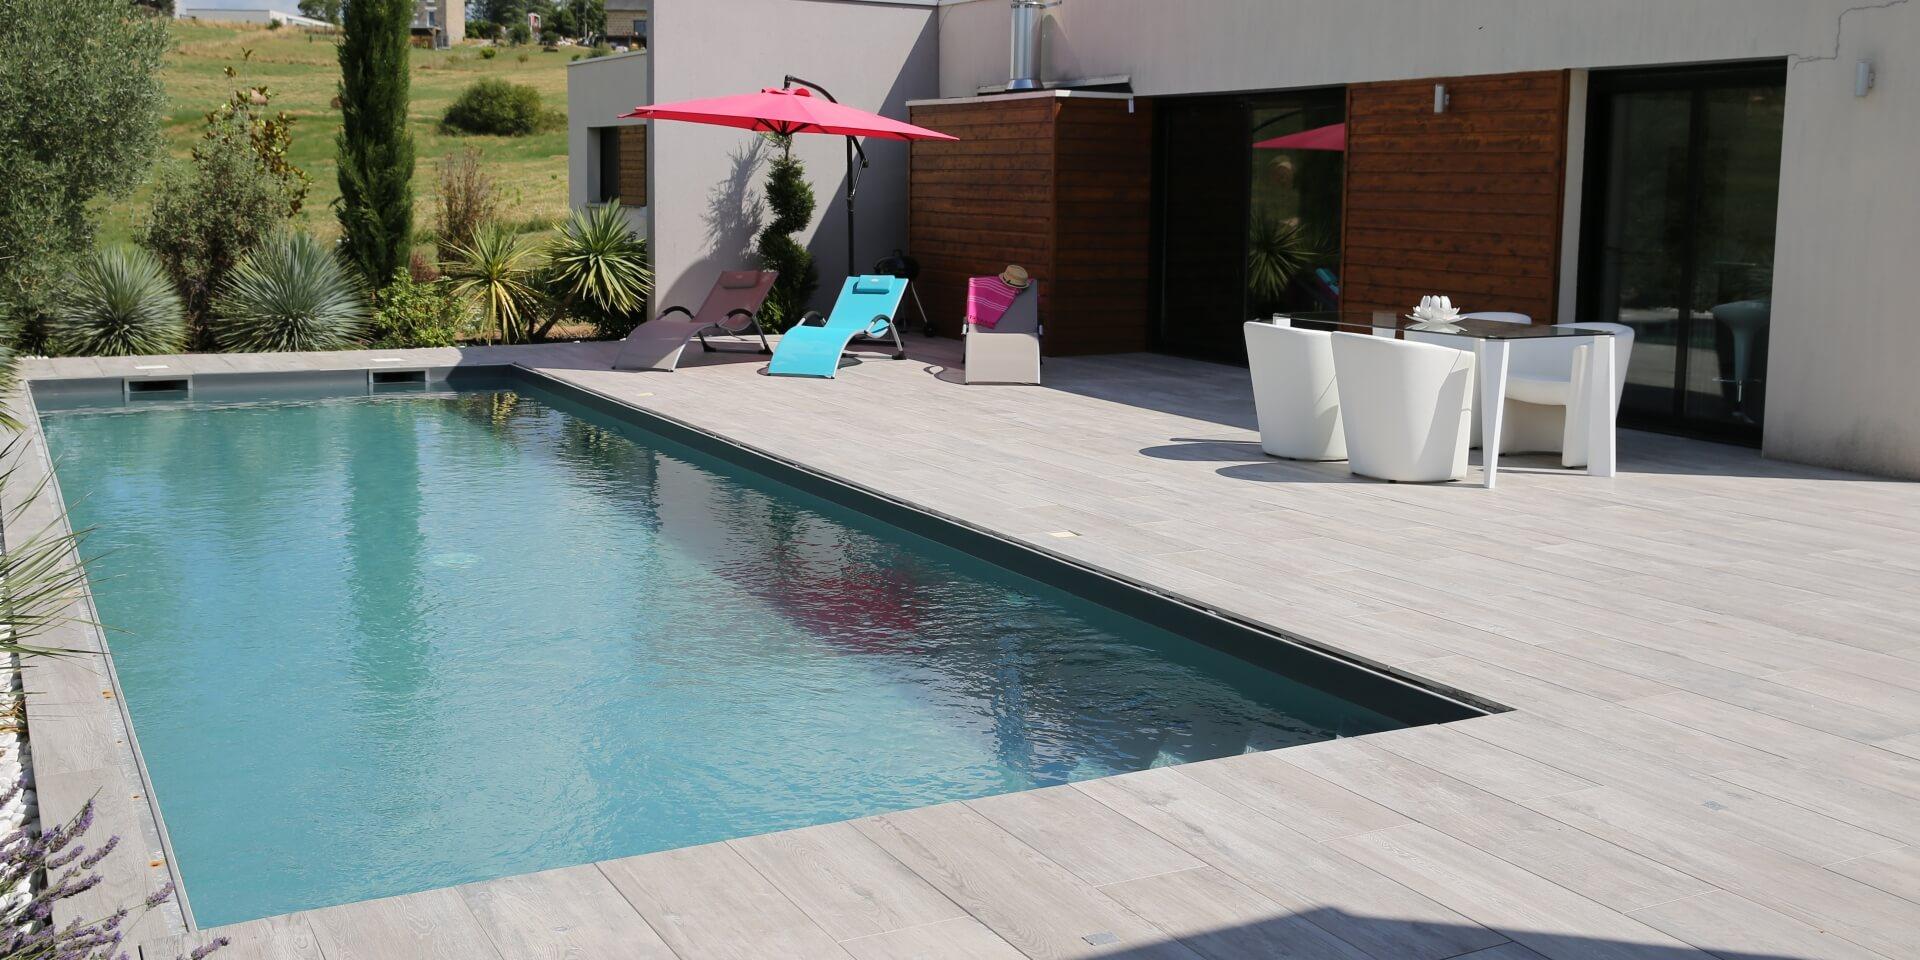 daniel moquet am nagement cour et all e de jardin en enrob et b ton d sactiv. Black Bedroom Furniture Sets. Home Design Ideas